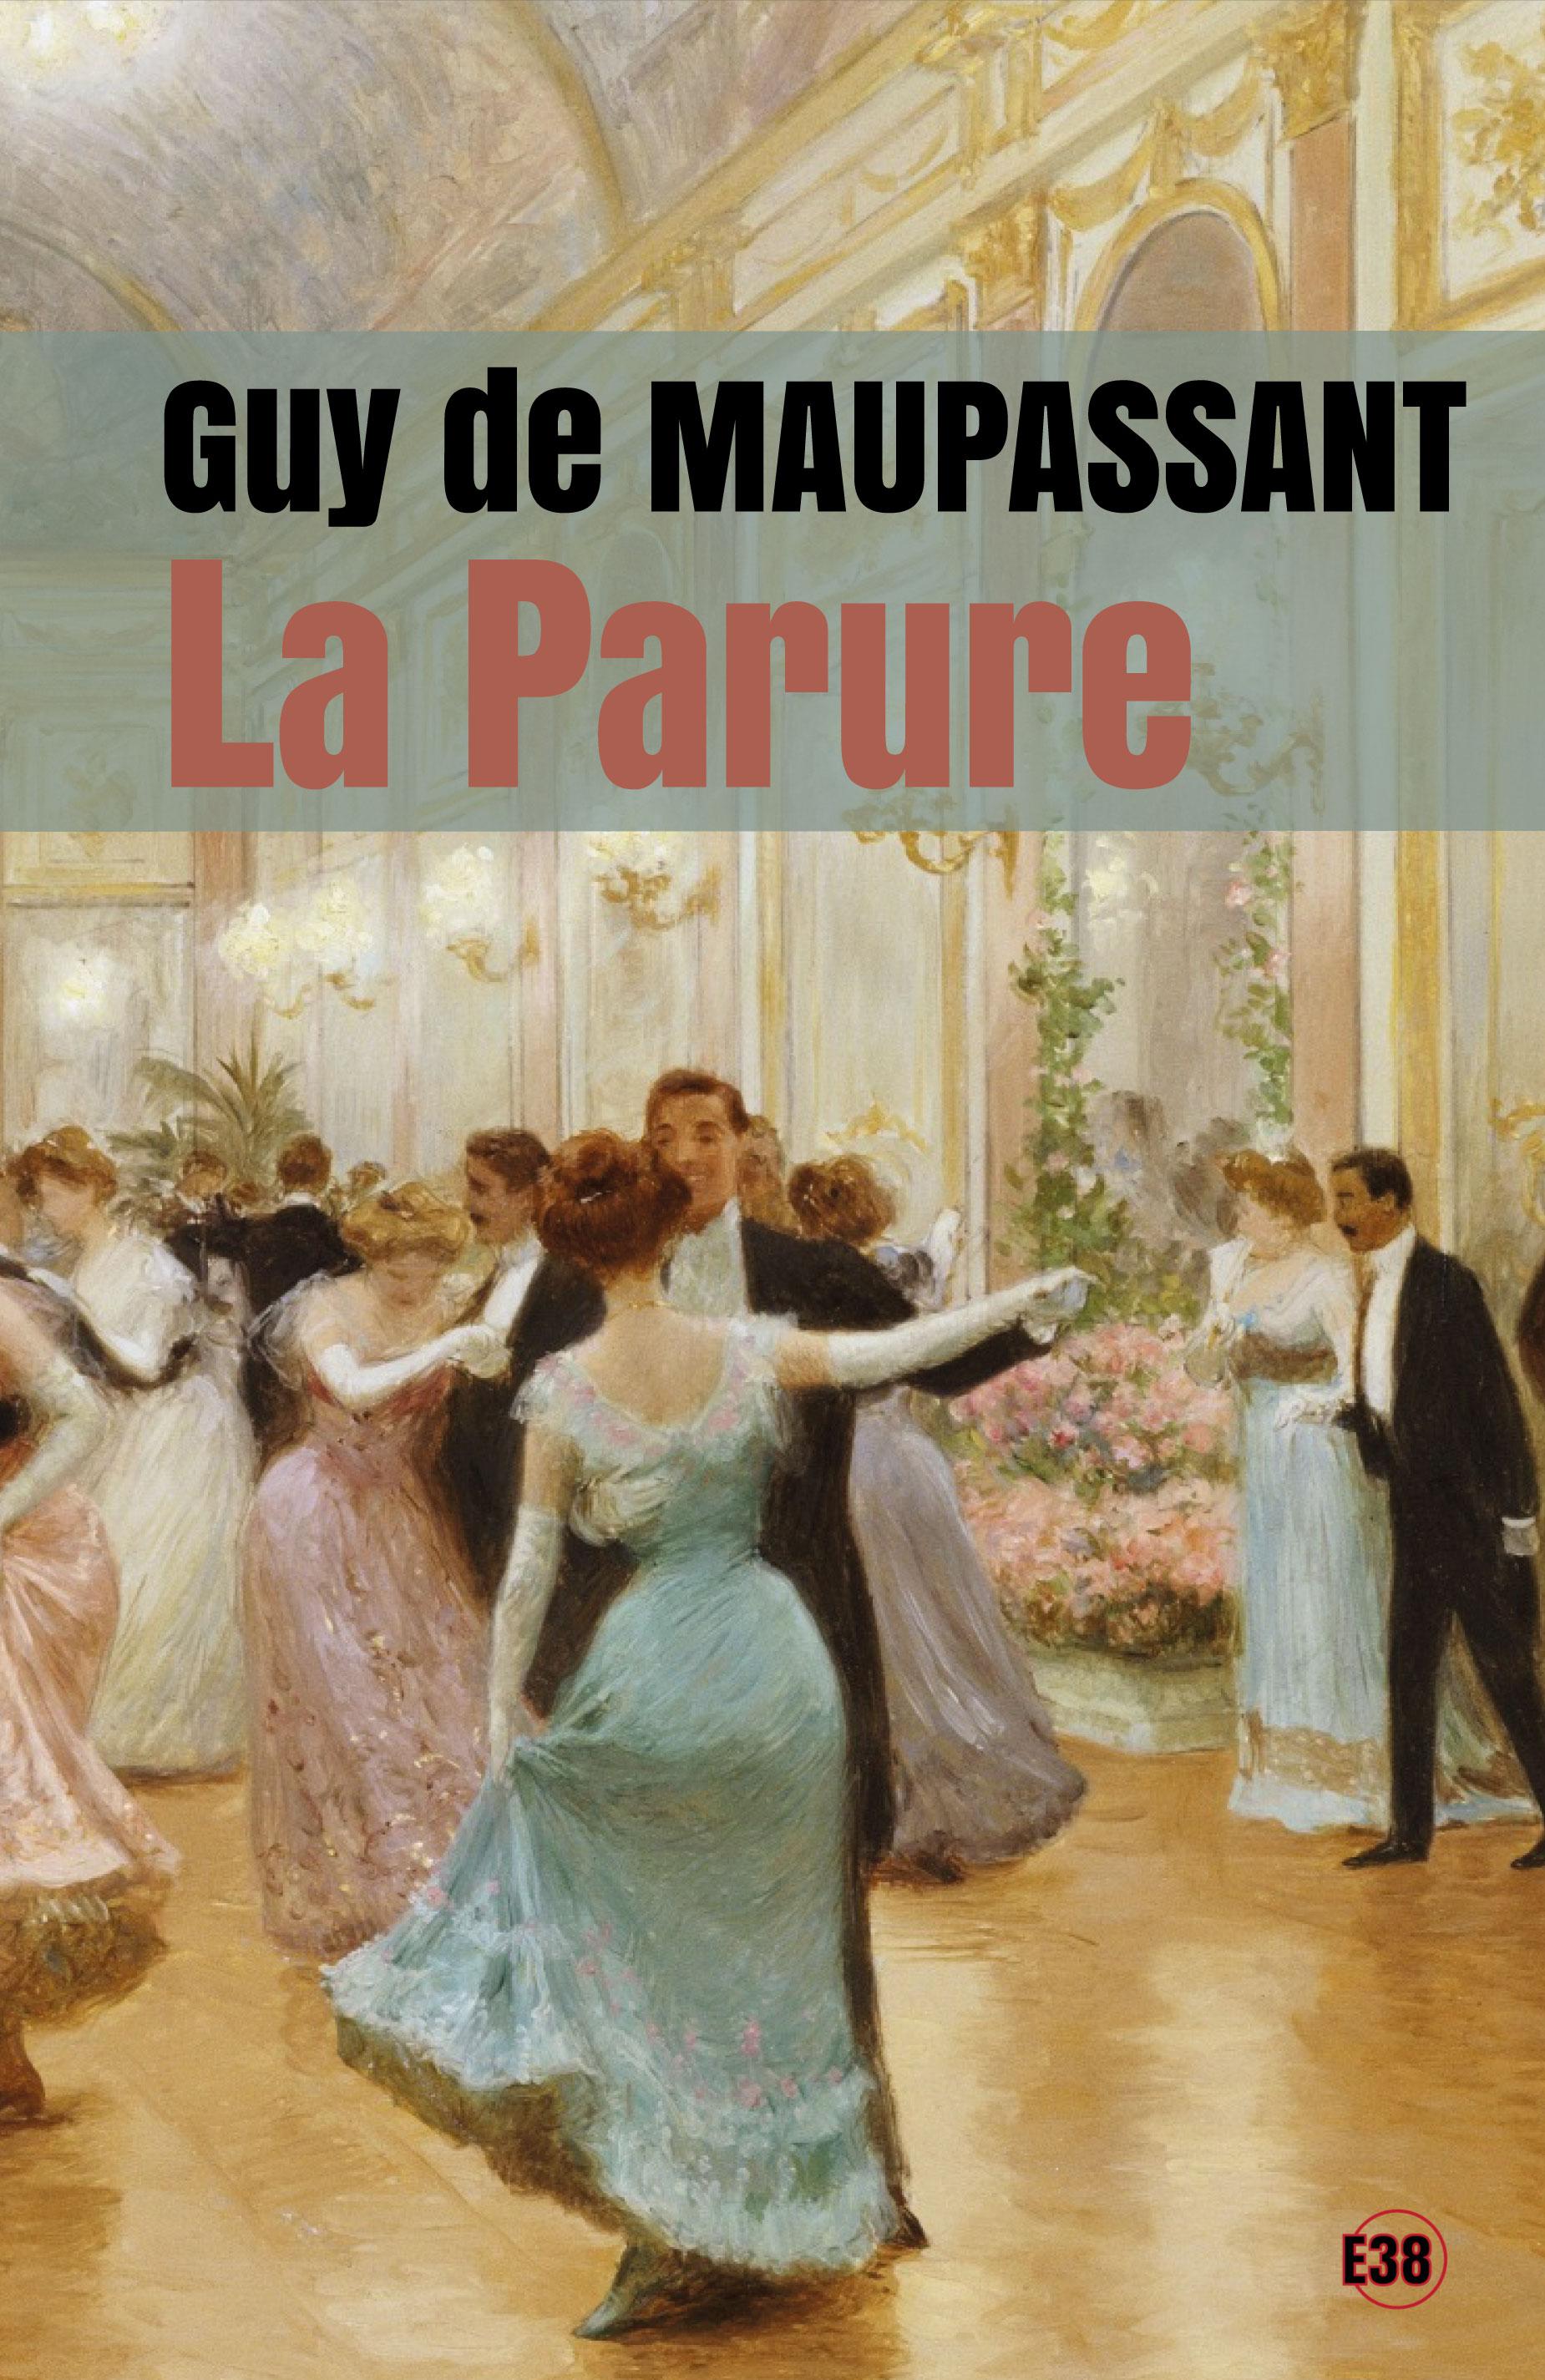 """Résultat de recherche d'images pour """"La Parure de Guy de Maupassant"""""""